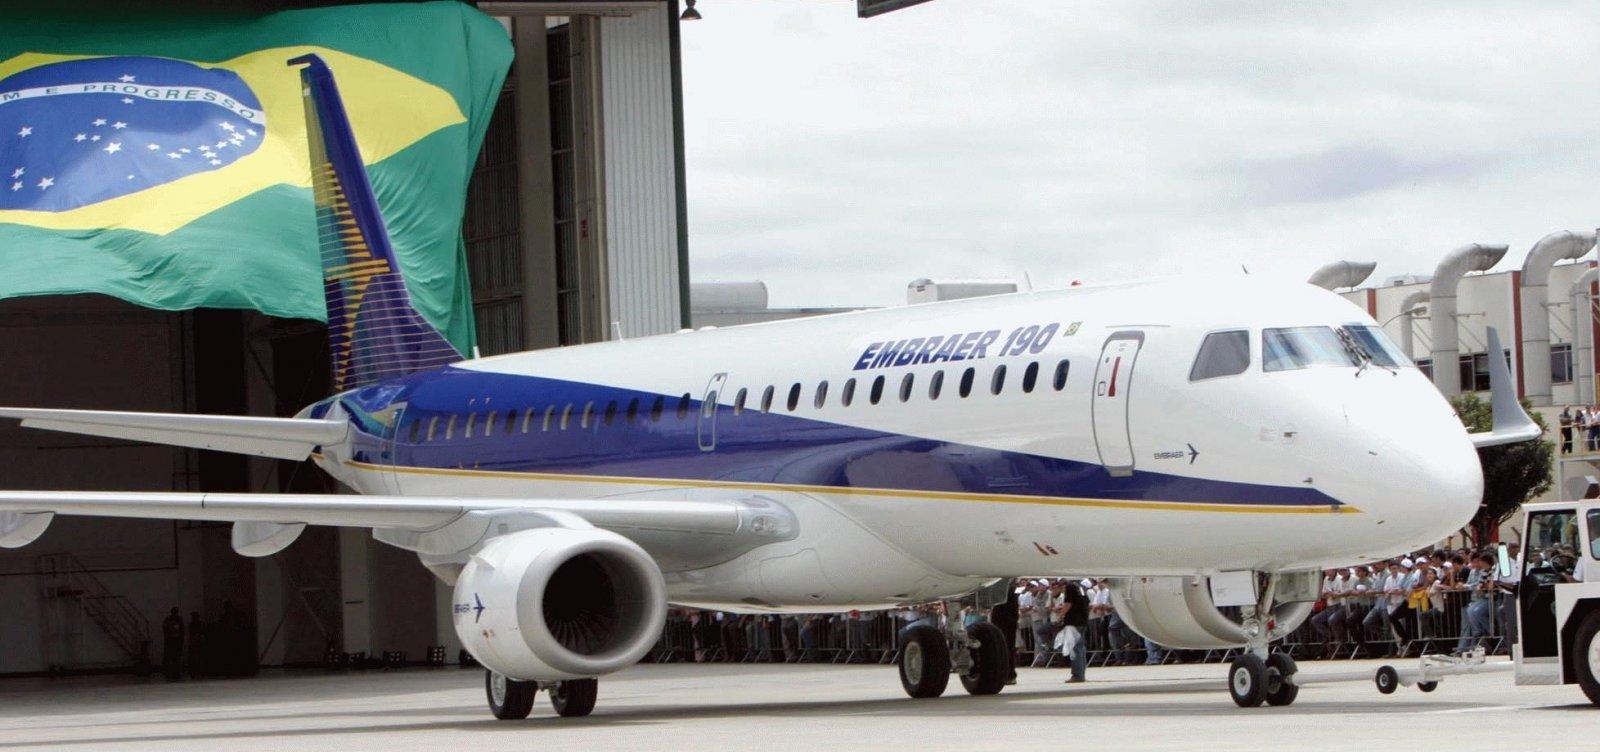 [Embraer tentará reverter suspensão de venda à Boeing]